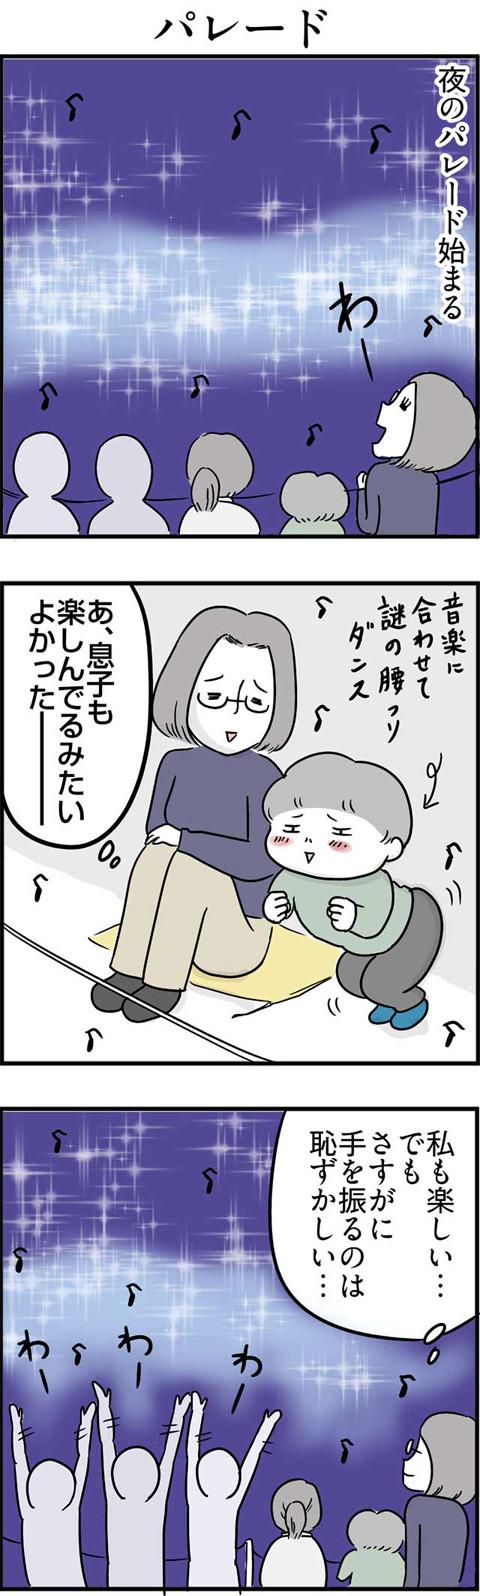 93パレード_01